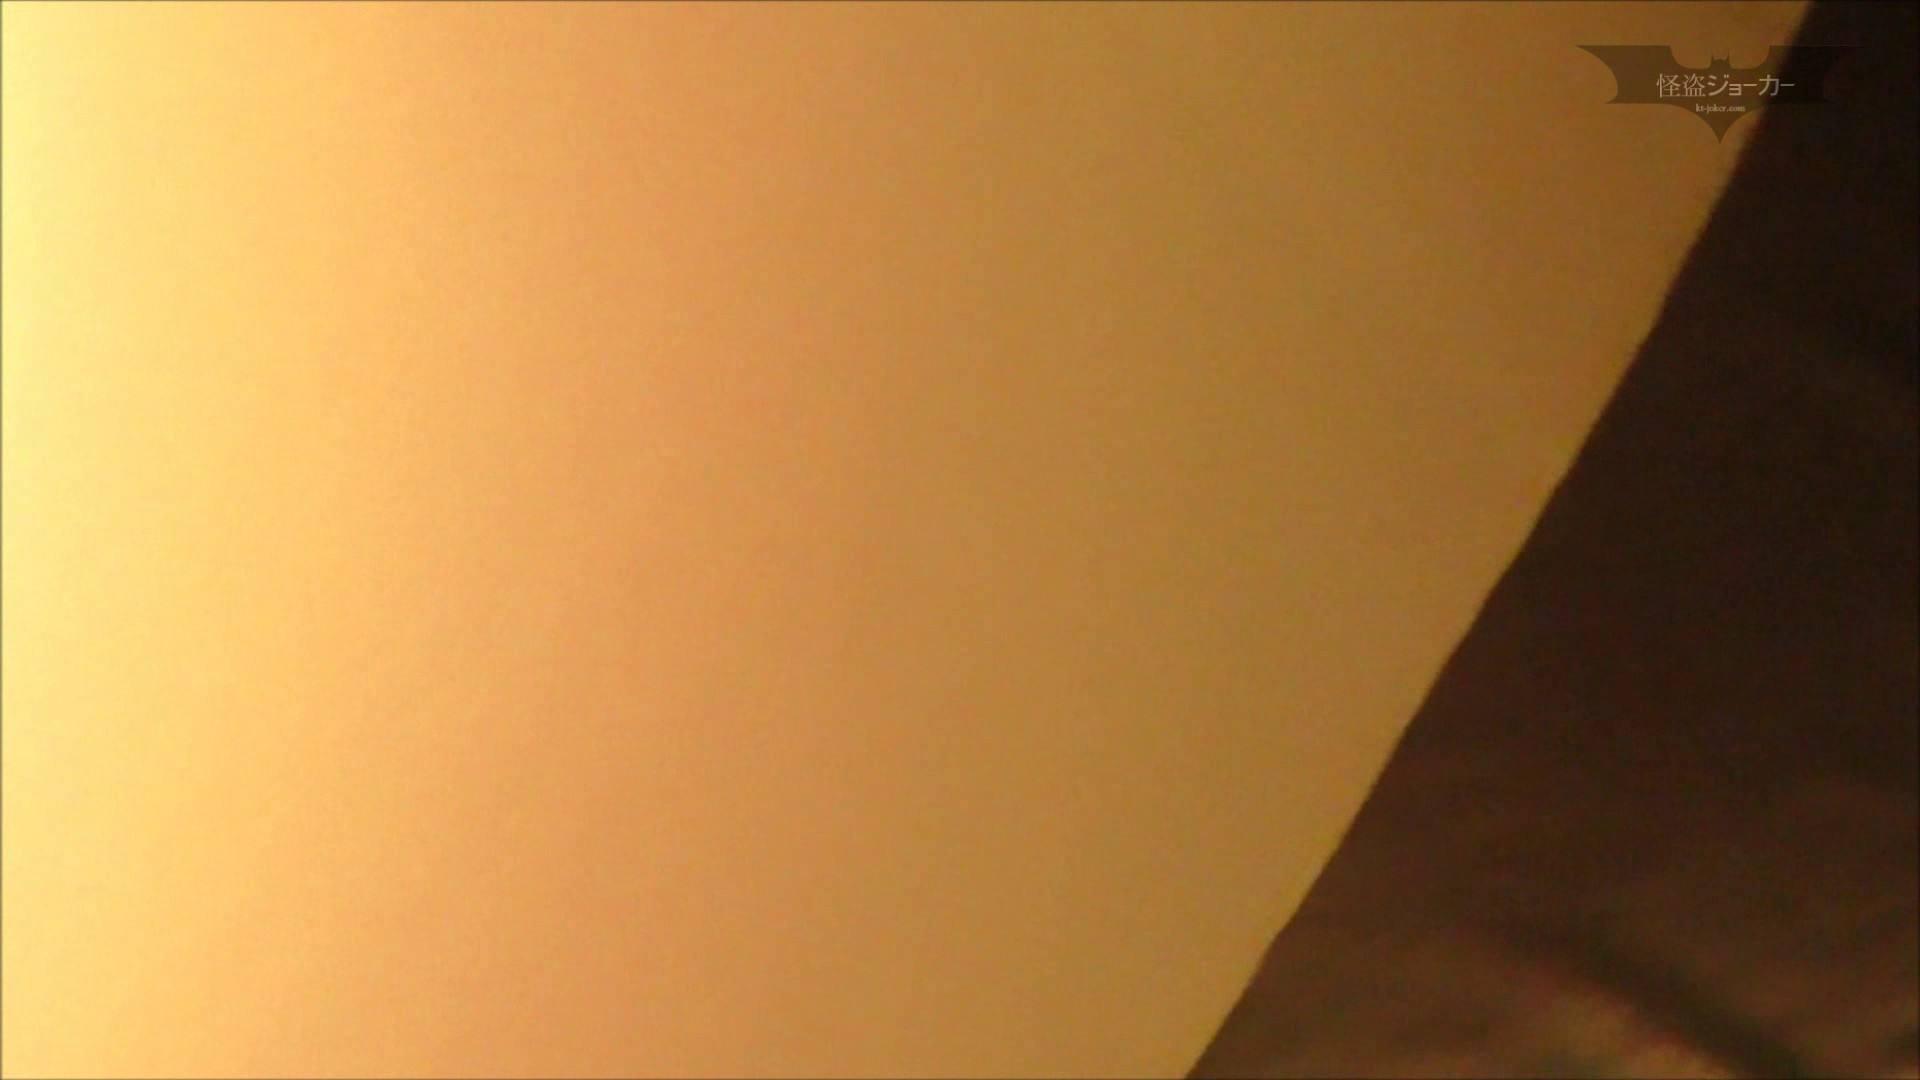 悪戯ネットカフェ Vol.06 若目狙って魔法でGO!! 潜入 AV動画キャプチャ 94pic 23